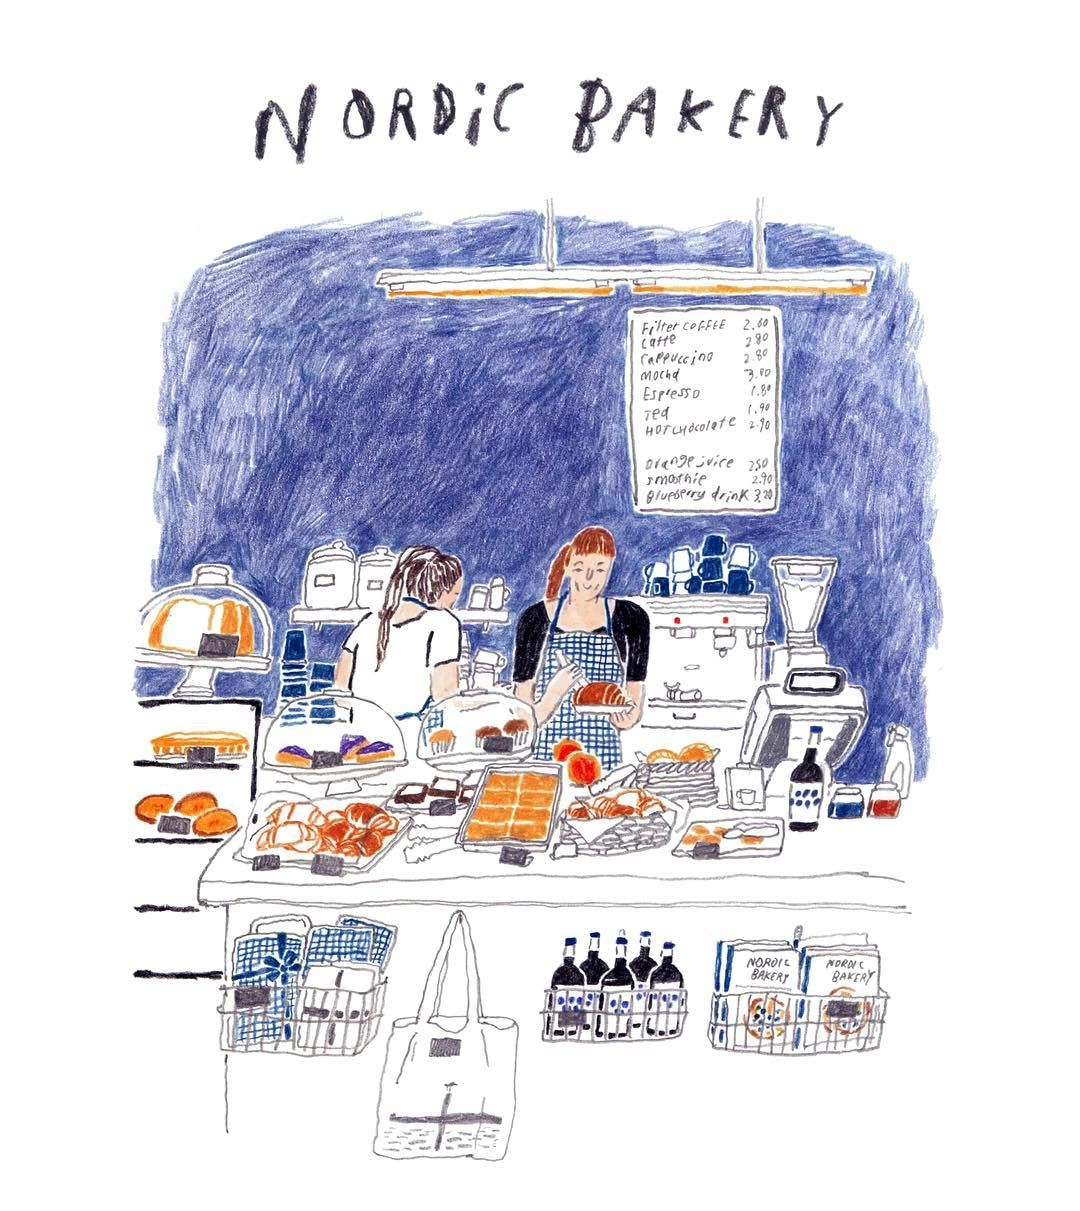 nordic bakery in LONDON instagram.com/moreparsley